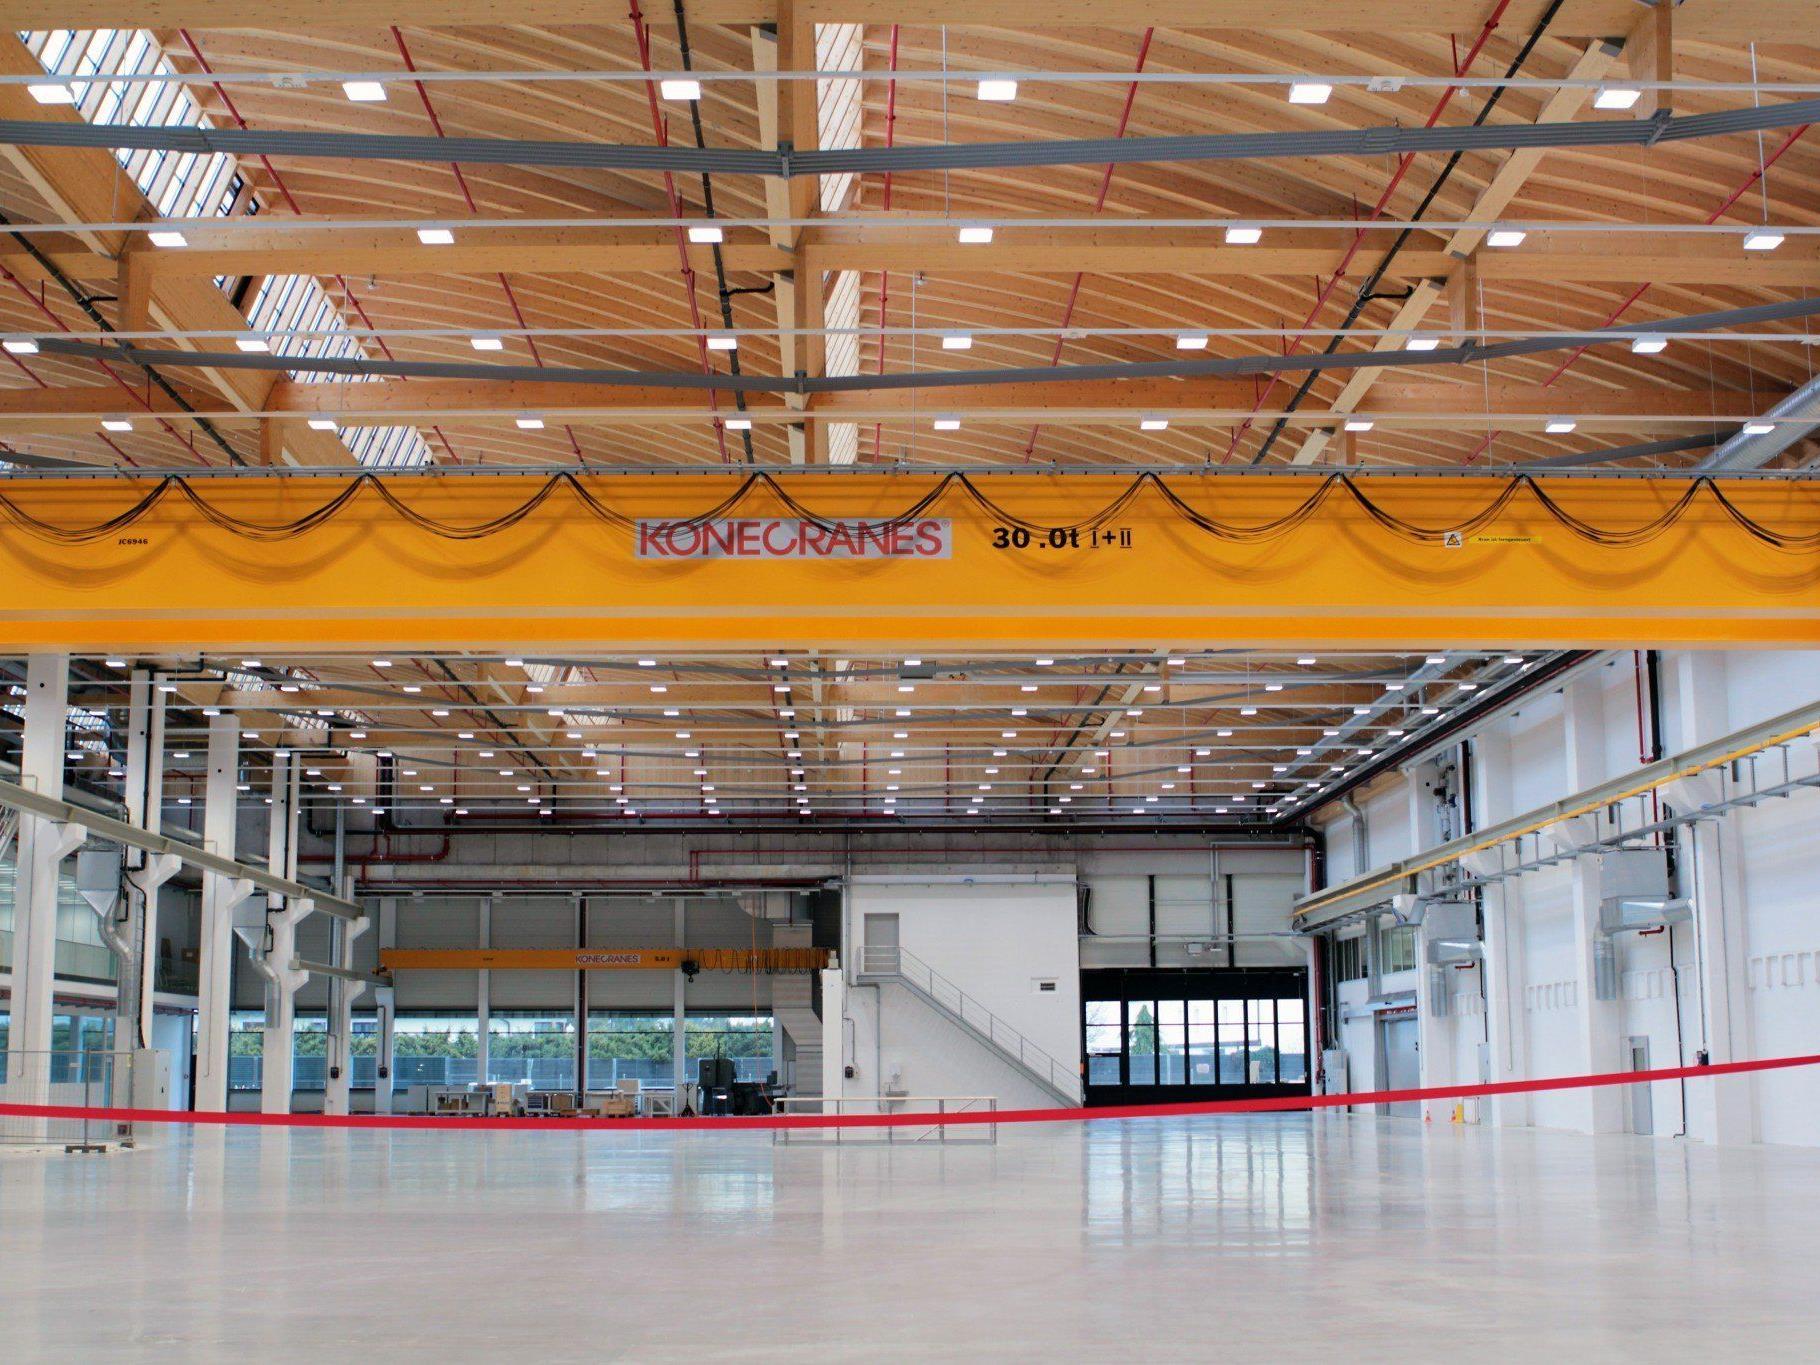 Die frei überspannte Fläche der neuen Werkshalle erstreckt sich auf einer Breite von 37,5 Metern und einer Länge von 90 Metern.